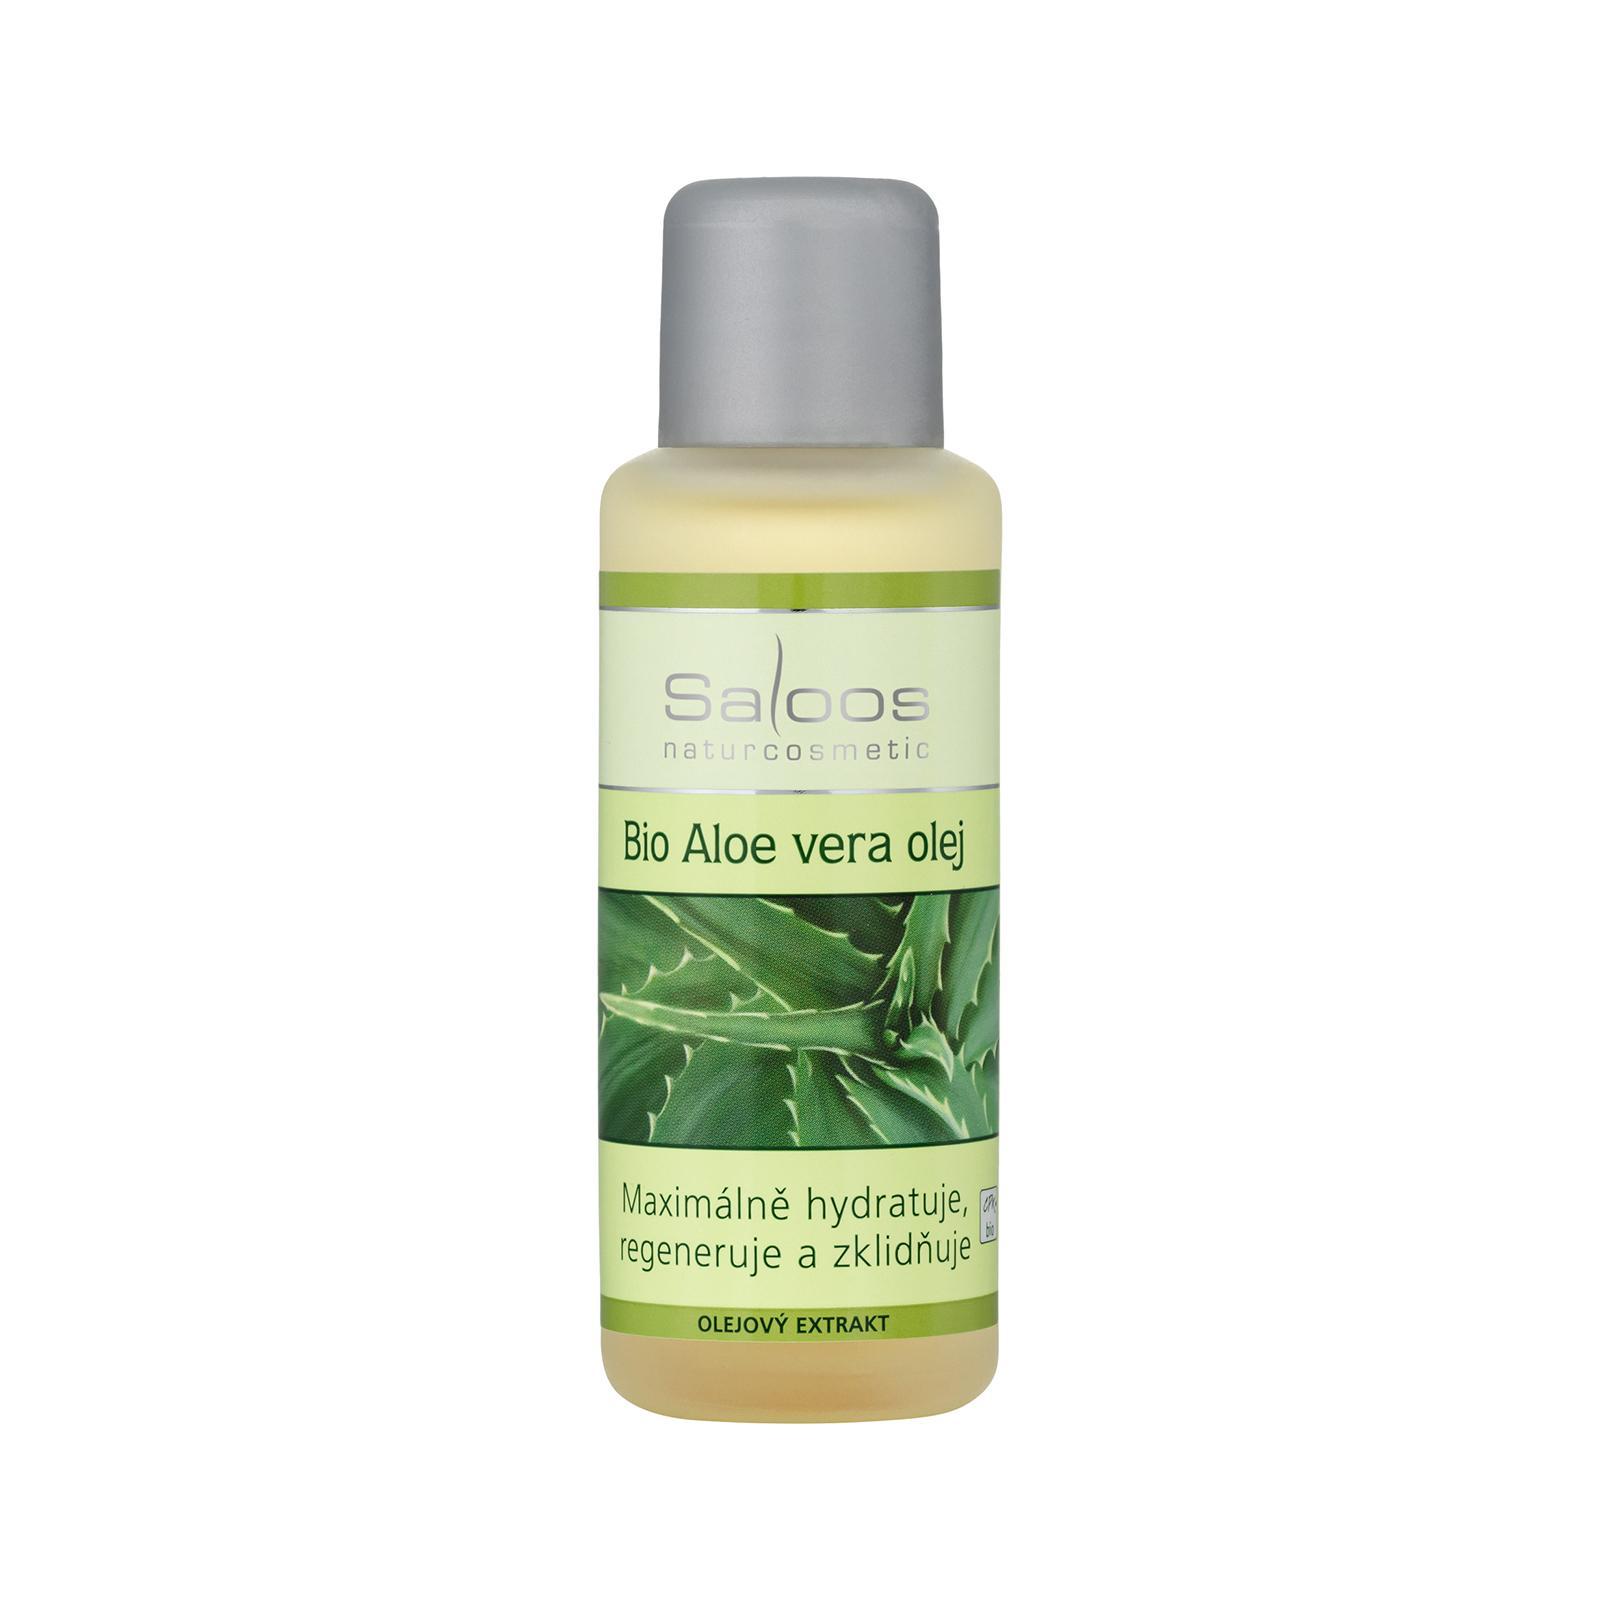 Saloos Bio Aloe Vera olej - olejový extrakt 50 ml